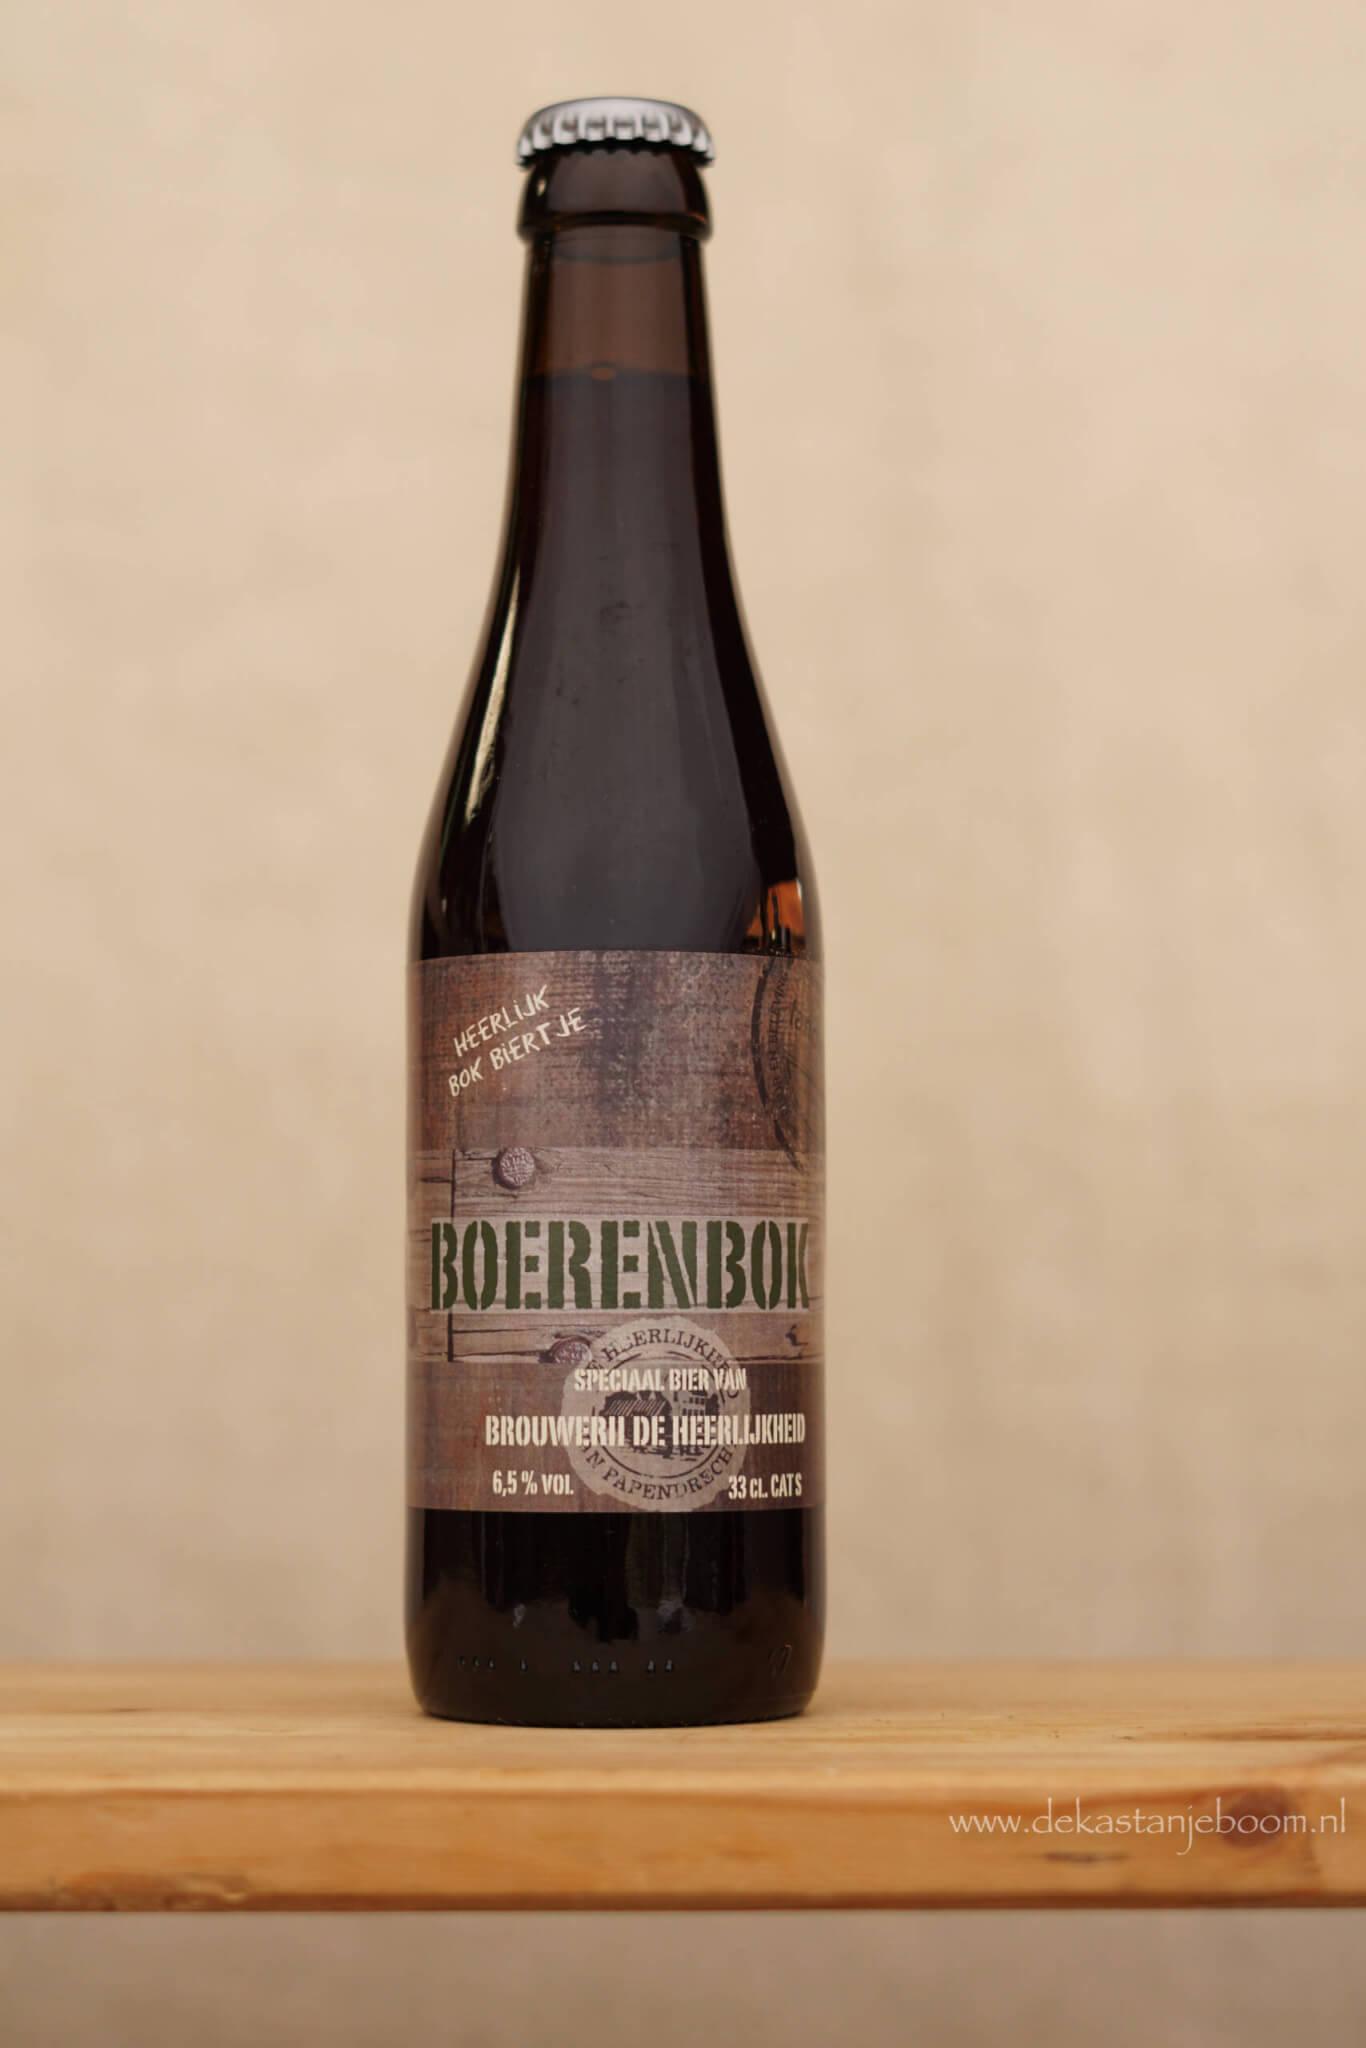 Boerenbok bier